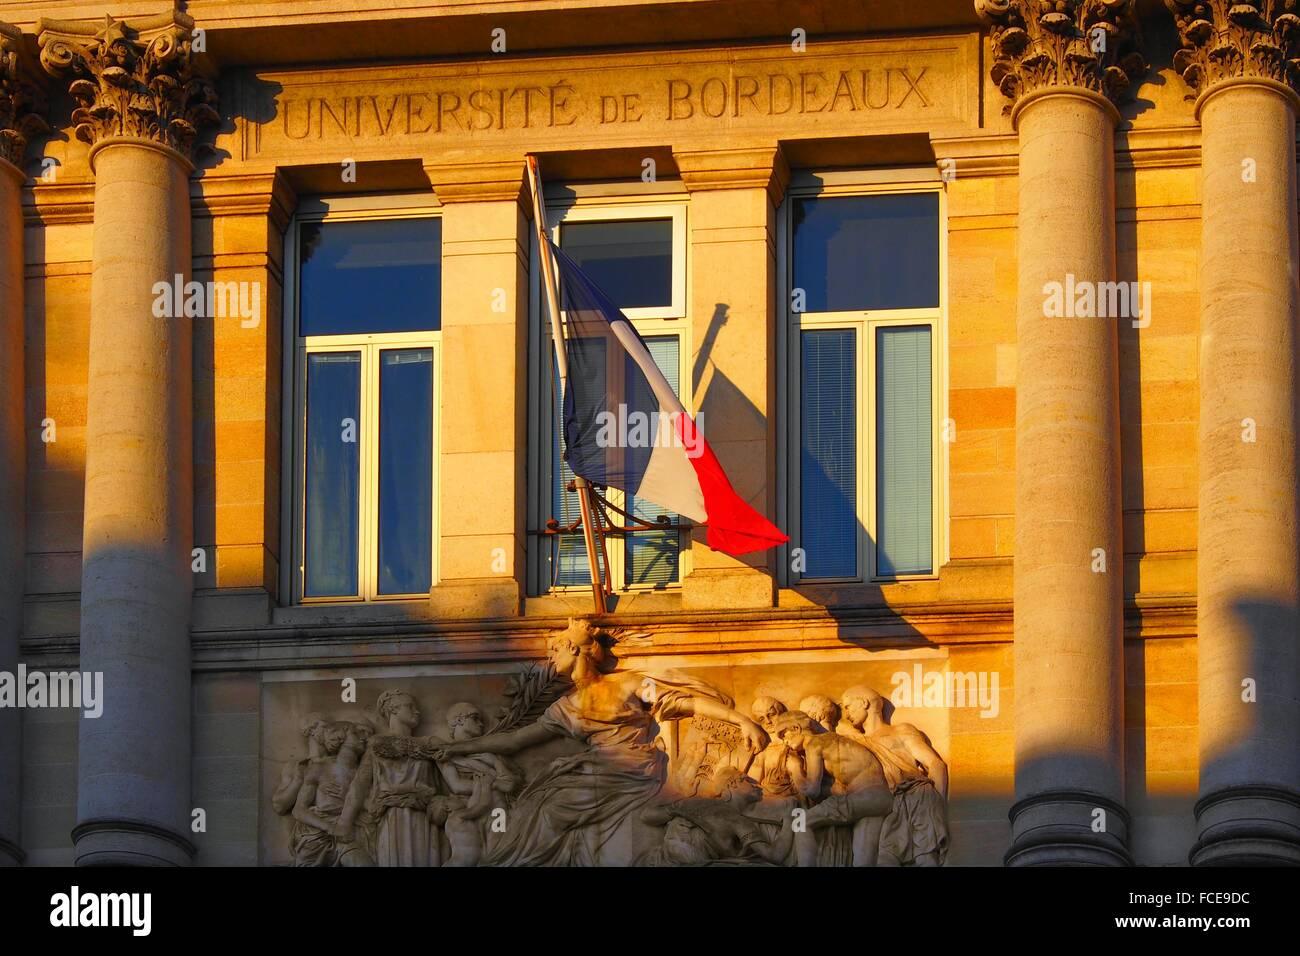 Frankreich-Aquitanien-Gironde-in der Mitte des alten Bordeaux, einem ehemaligen Universitätsgebäude, jetzt Stockbild